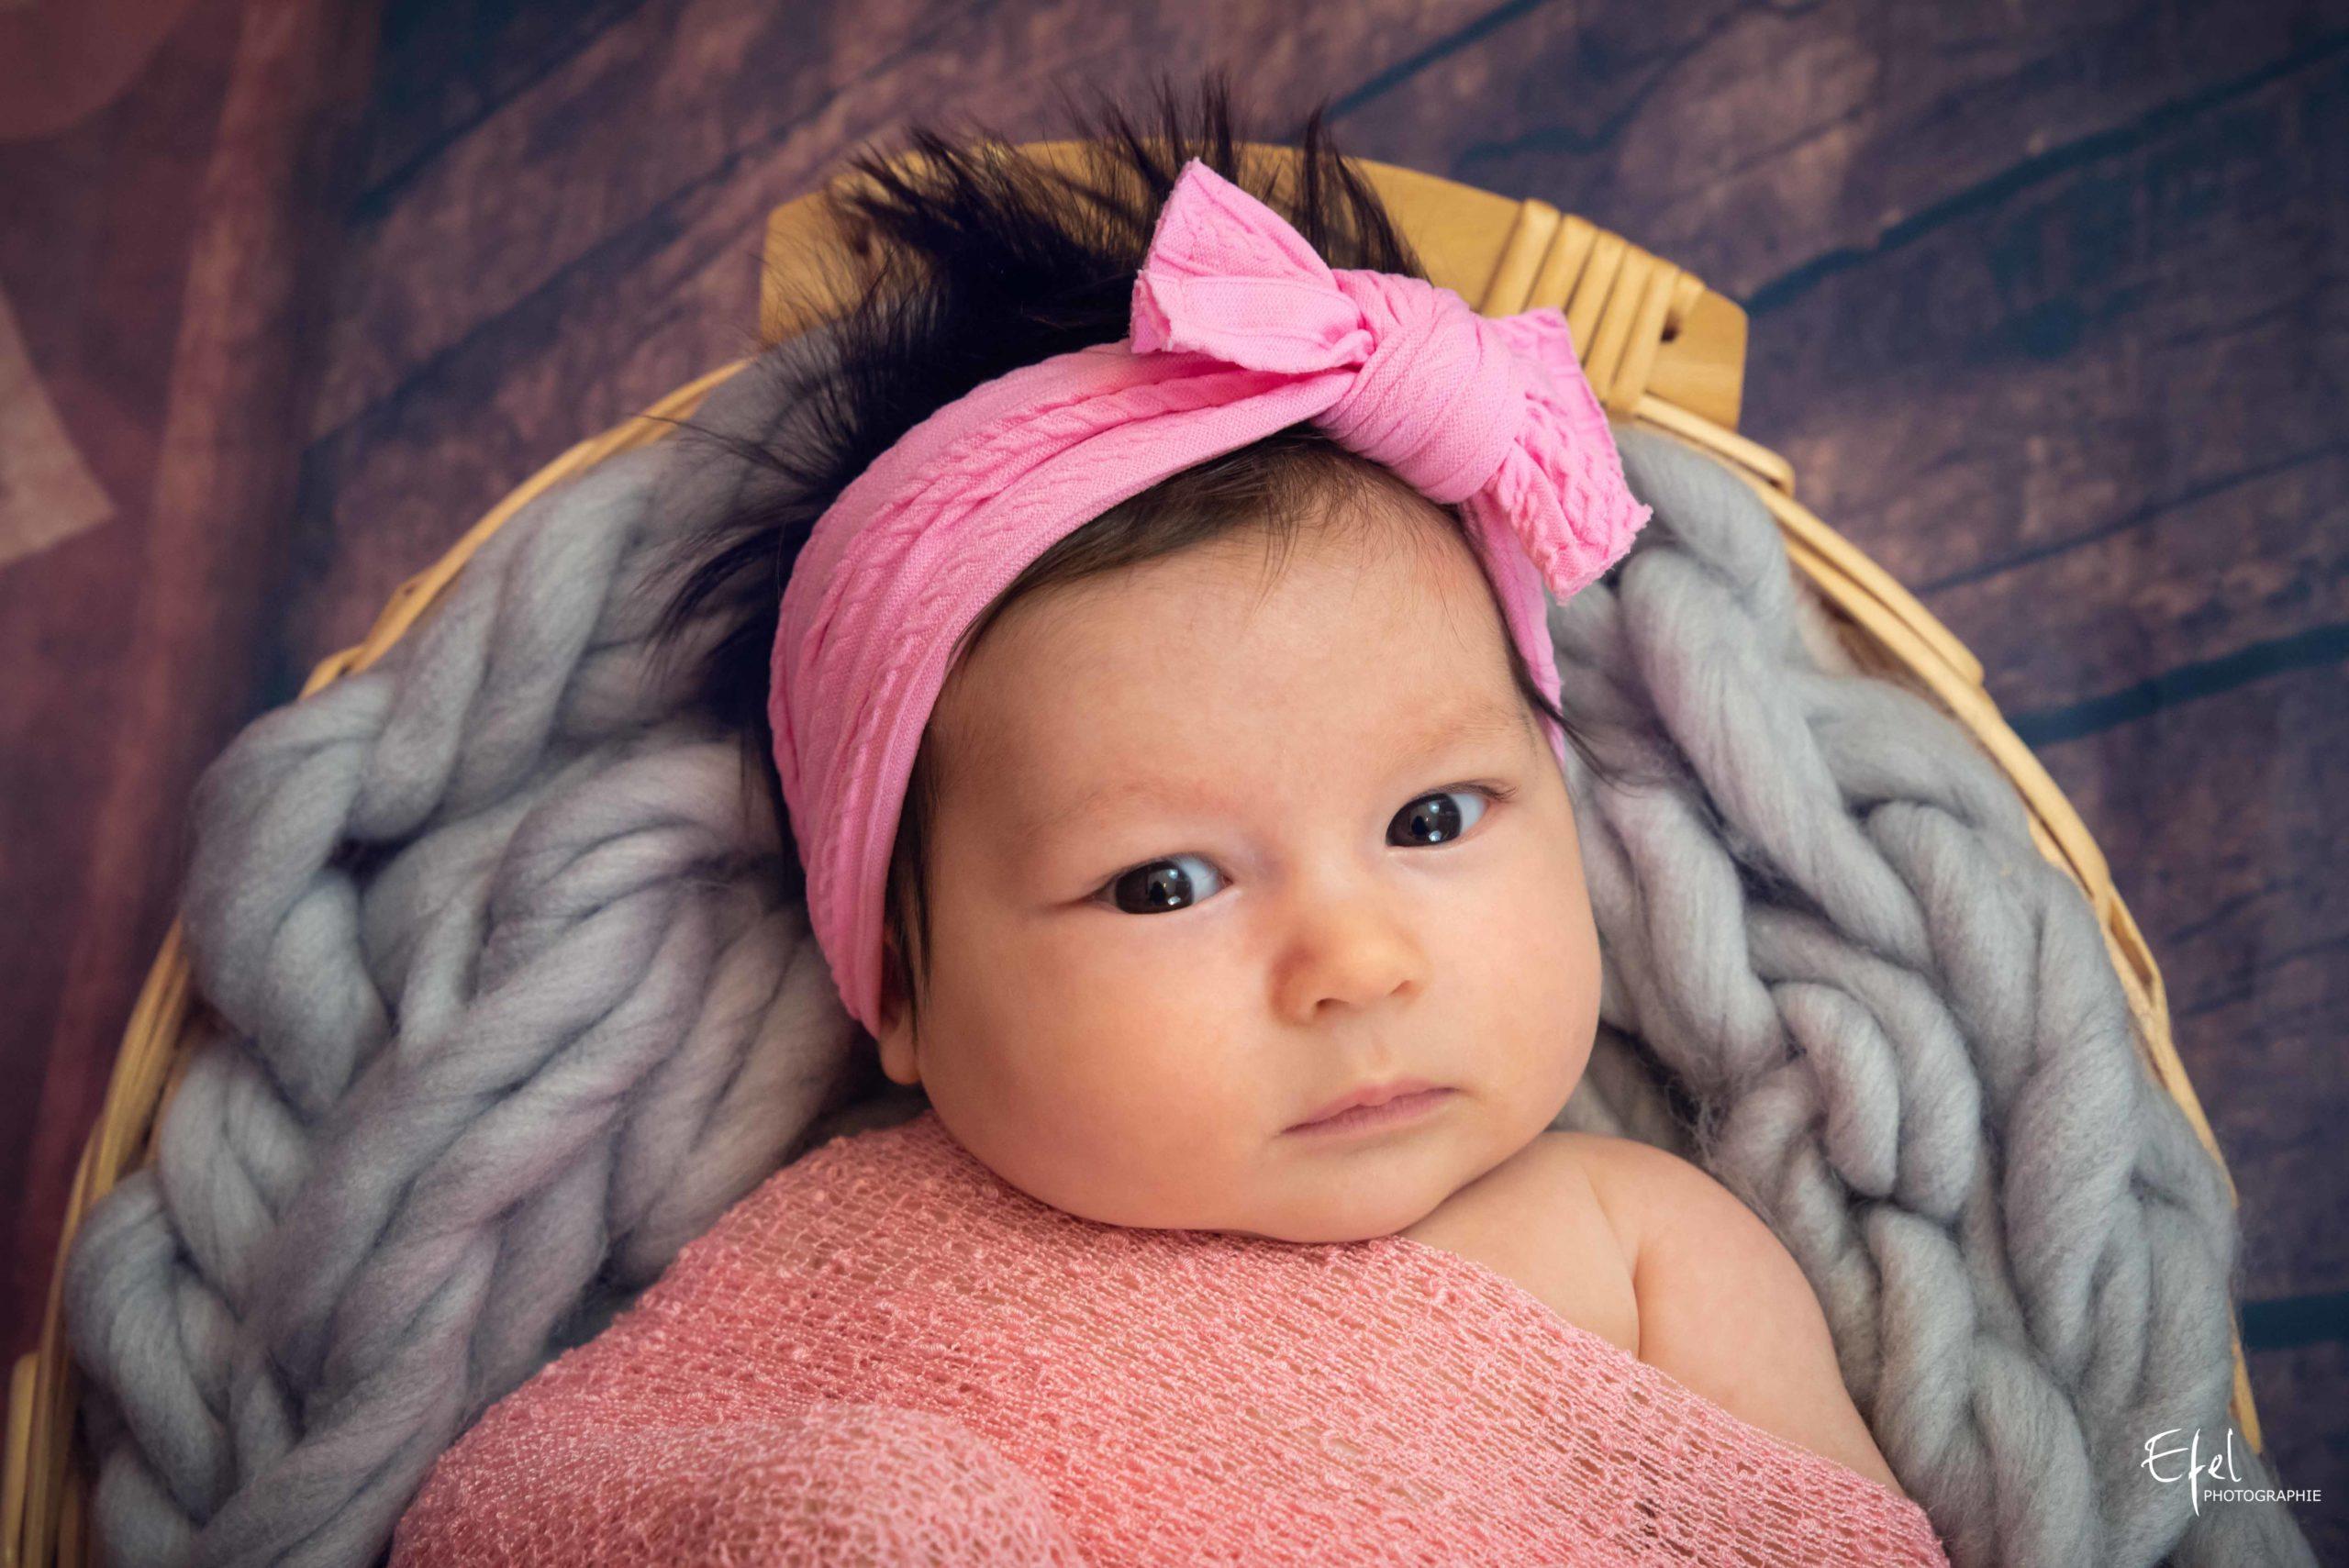 photographe naissance briançon bébé fille avec tutu